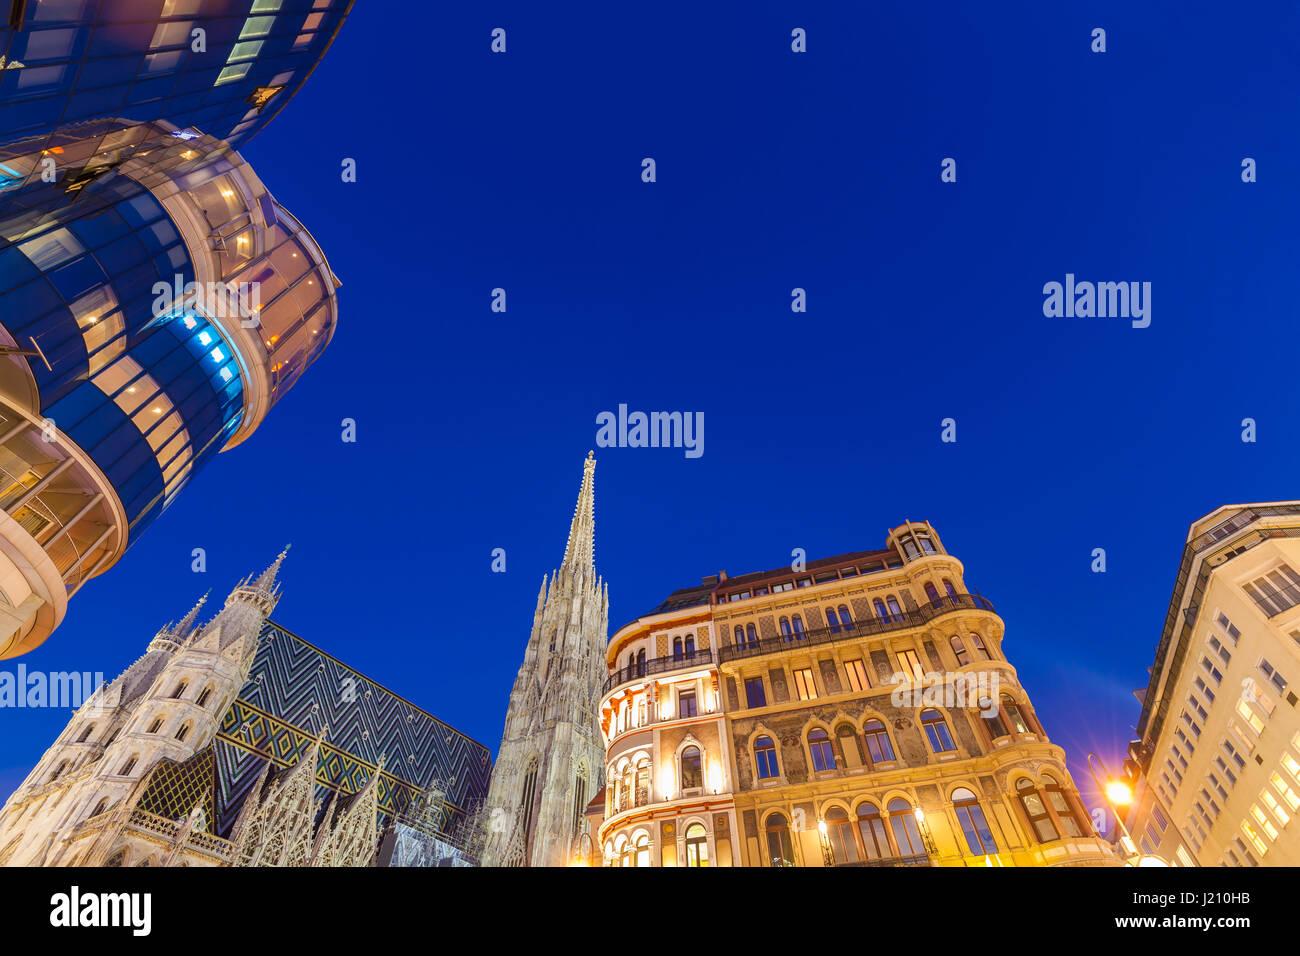 Österreich, Wien, Stephansplatz, Haas-Haus, Stephansdom - Stock Image